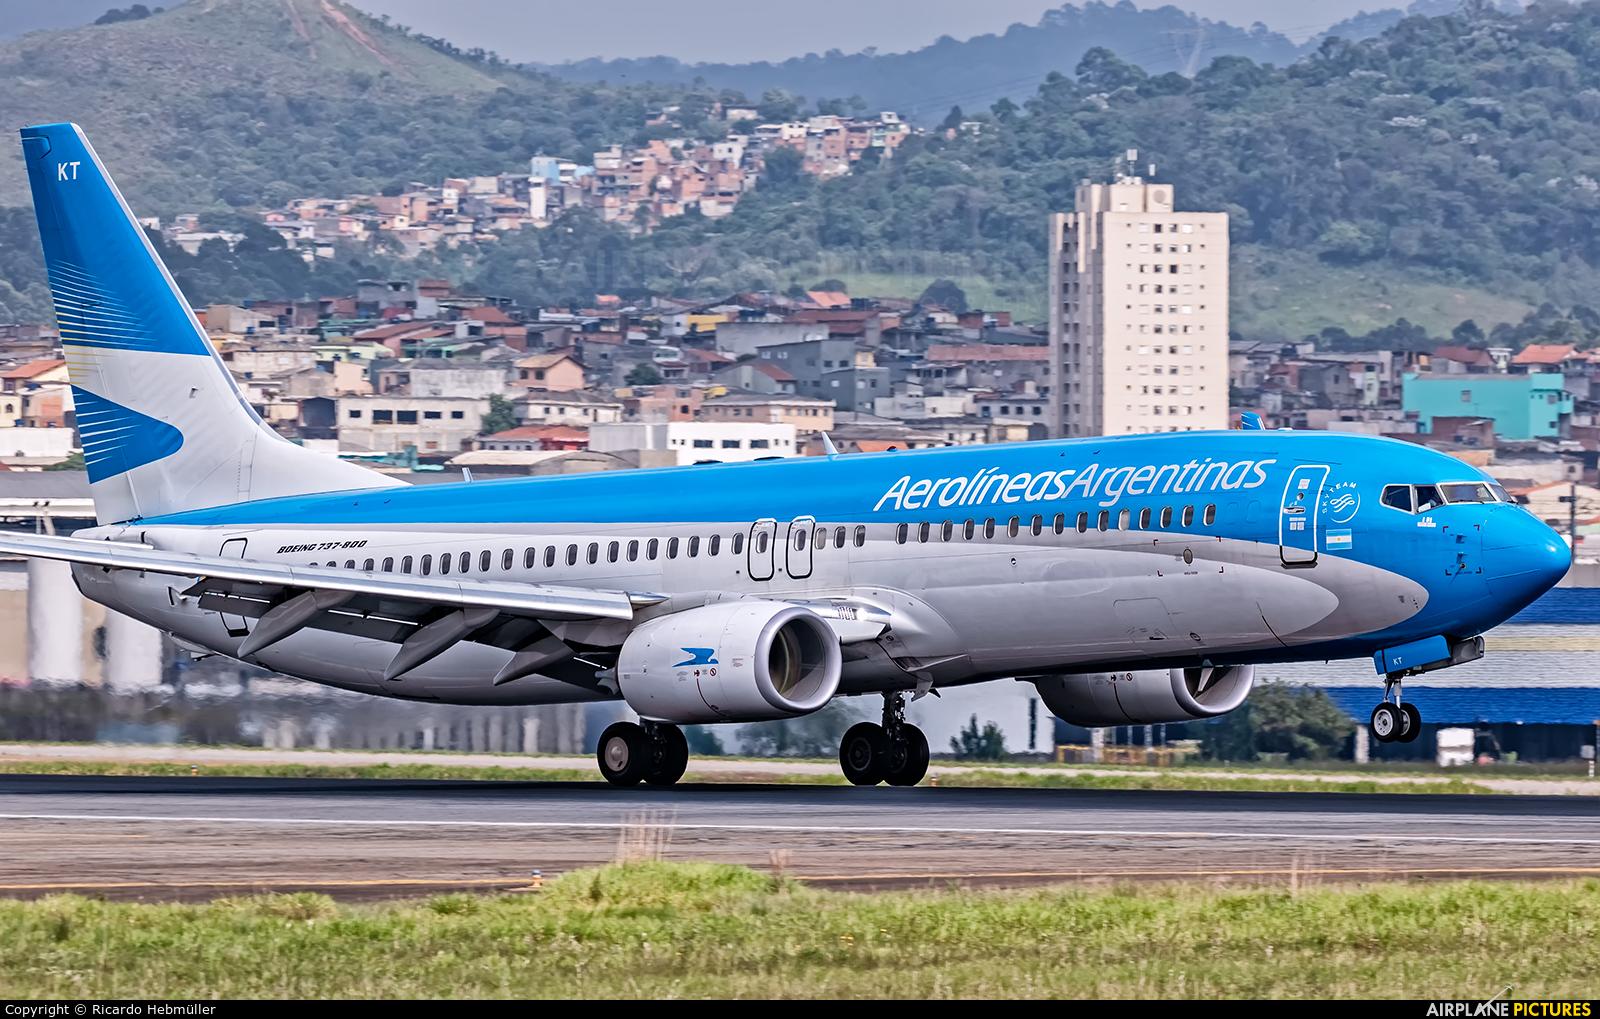 Aerolineas Argentinas LV-GKT aircraft at São Paulo - Guarulhos